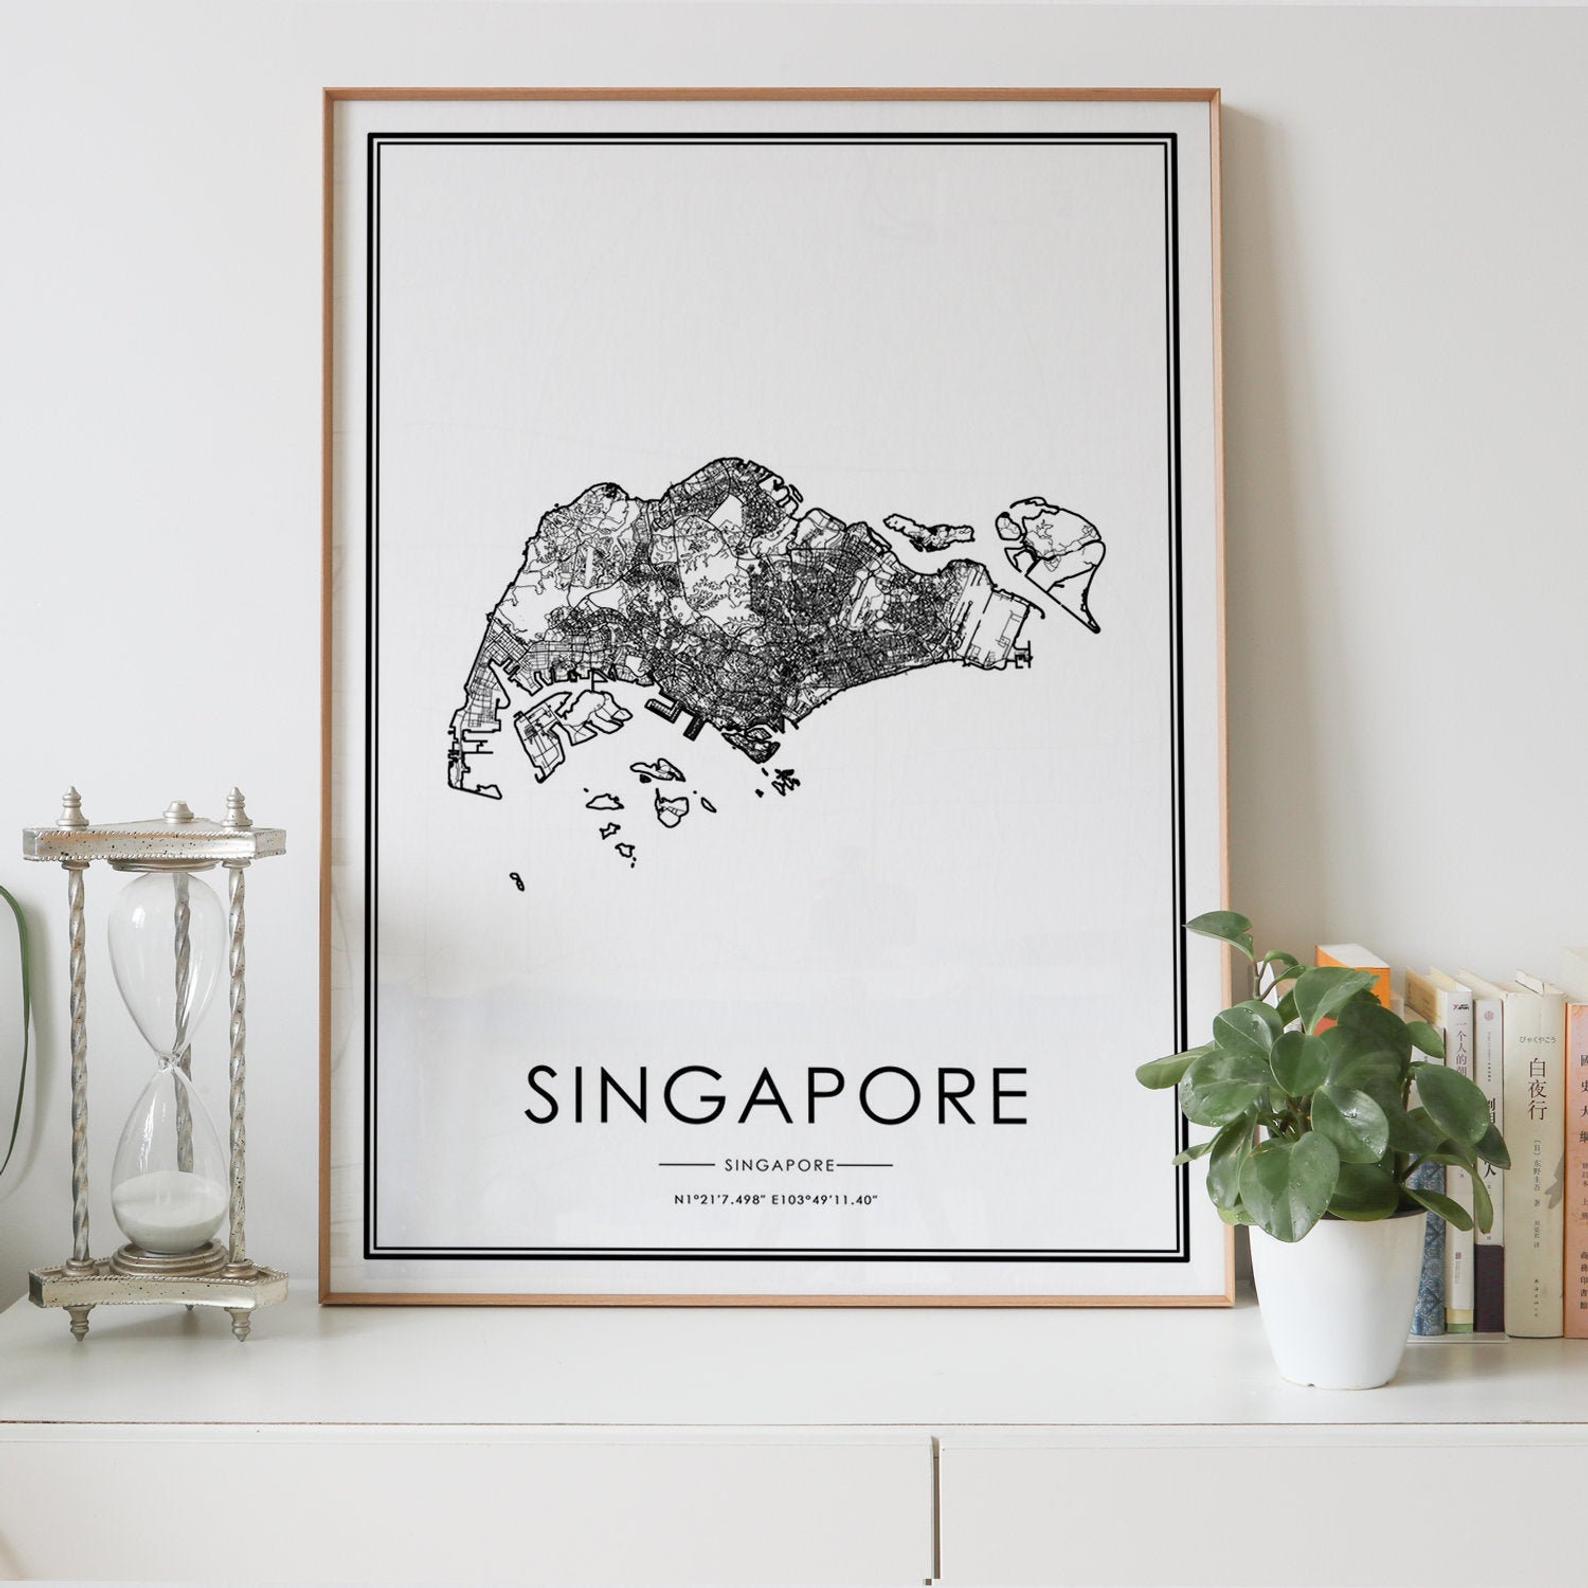 Singapura país mapa da estrada nordic sala de estar decoração lona cartaz moderno casa decoração da arte impressão pintura